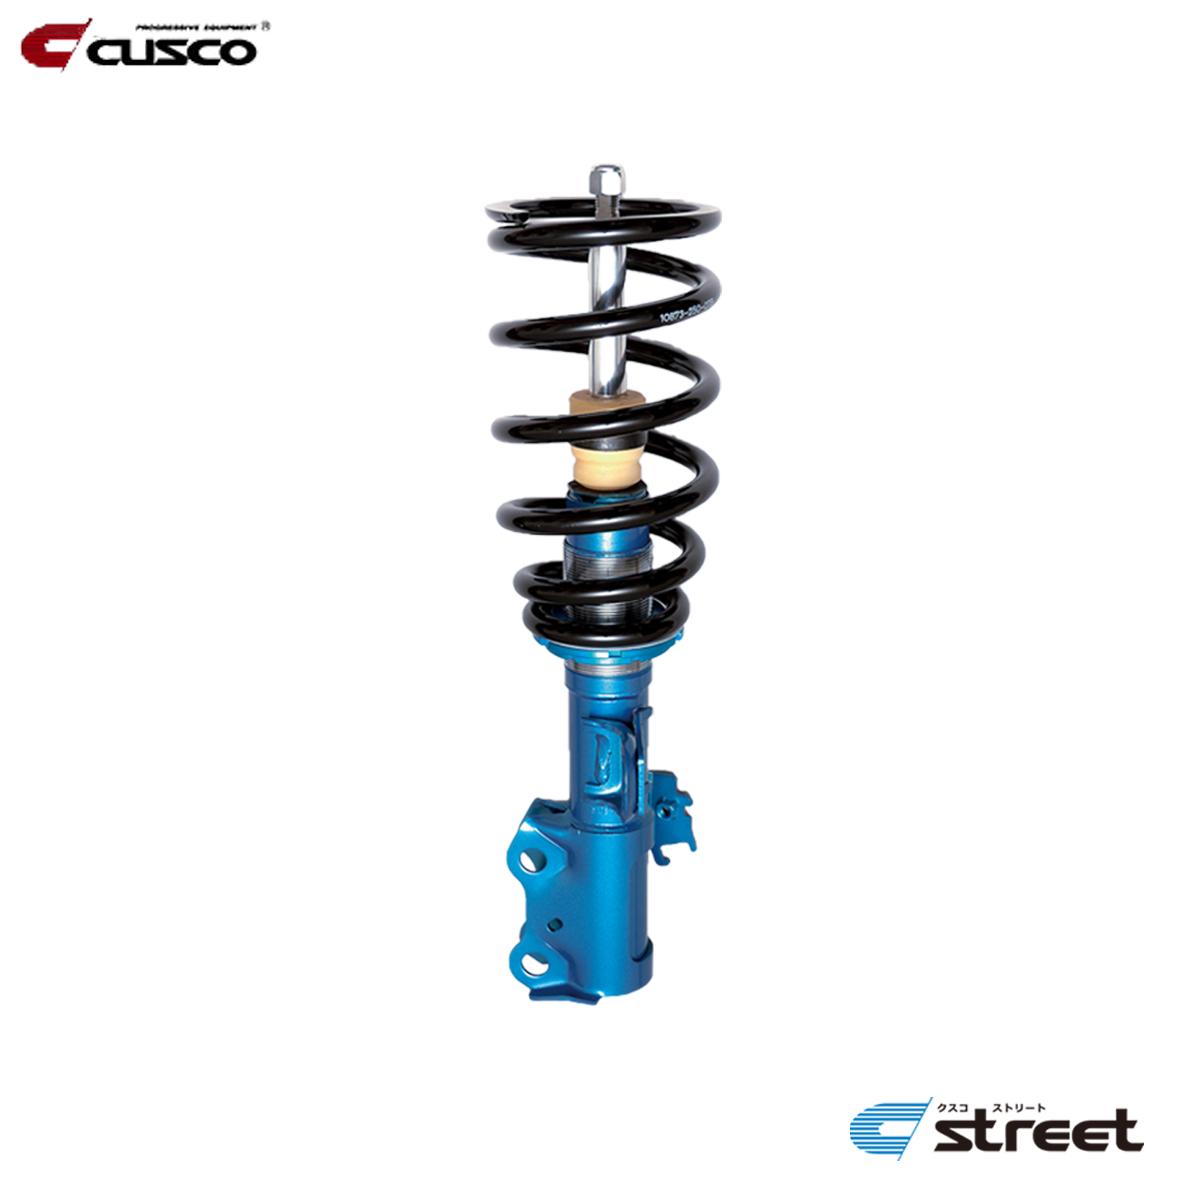 CUSCO クスコ プレオプラス LA300F 車高調 全長固定式 780-62K-CBA